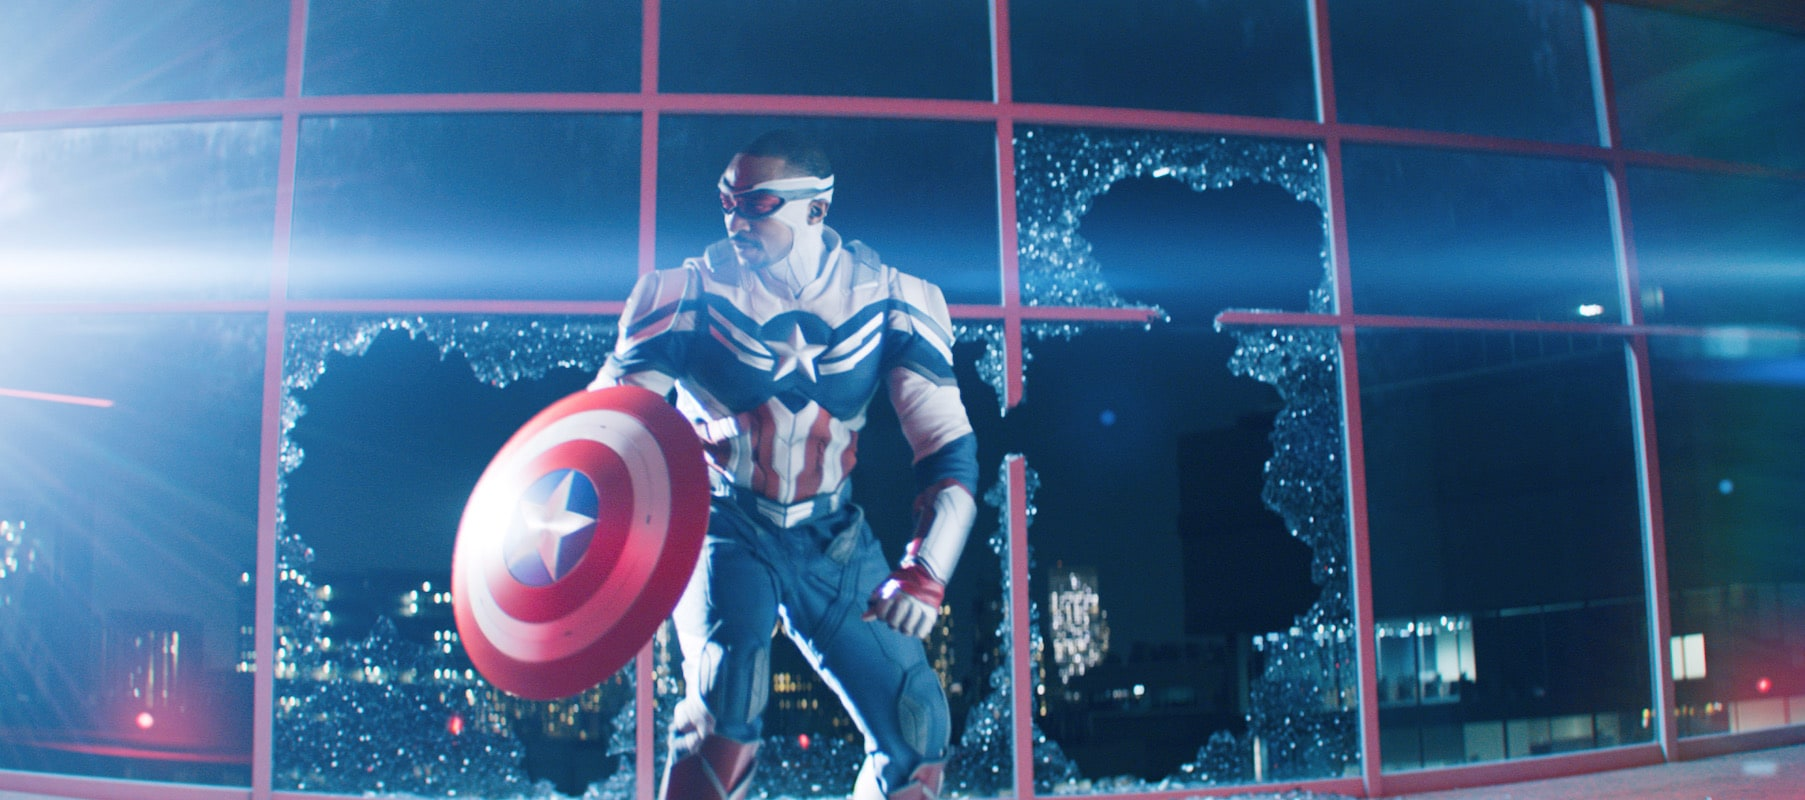 captain america 4 captain america 4